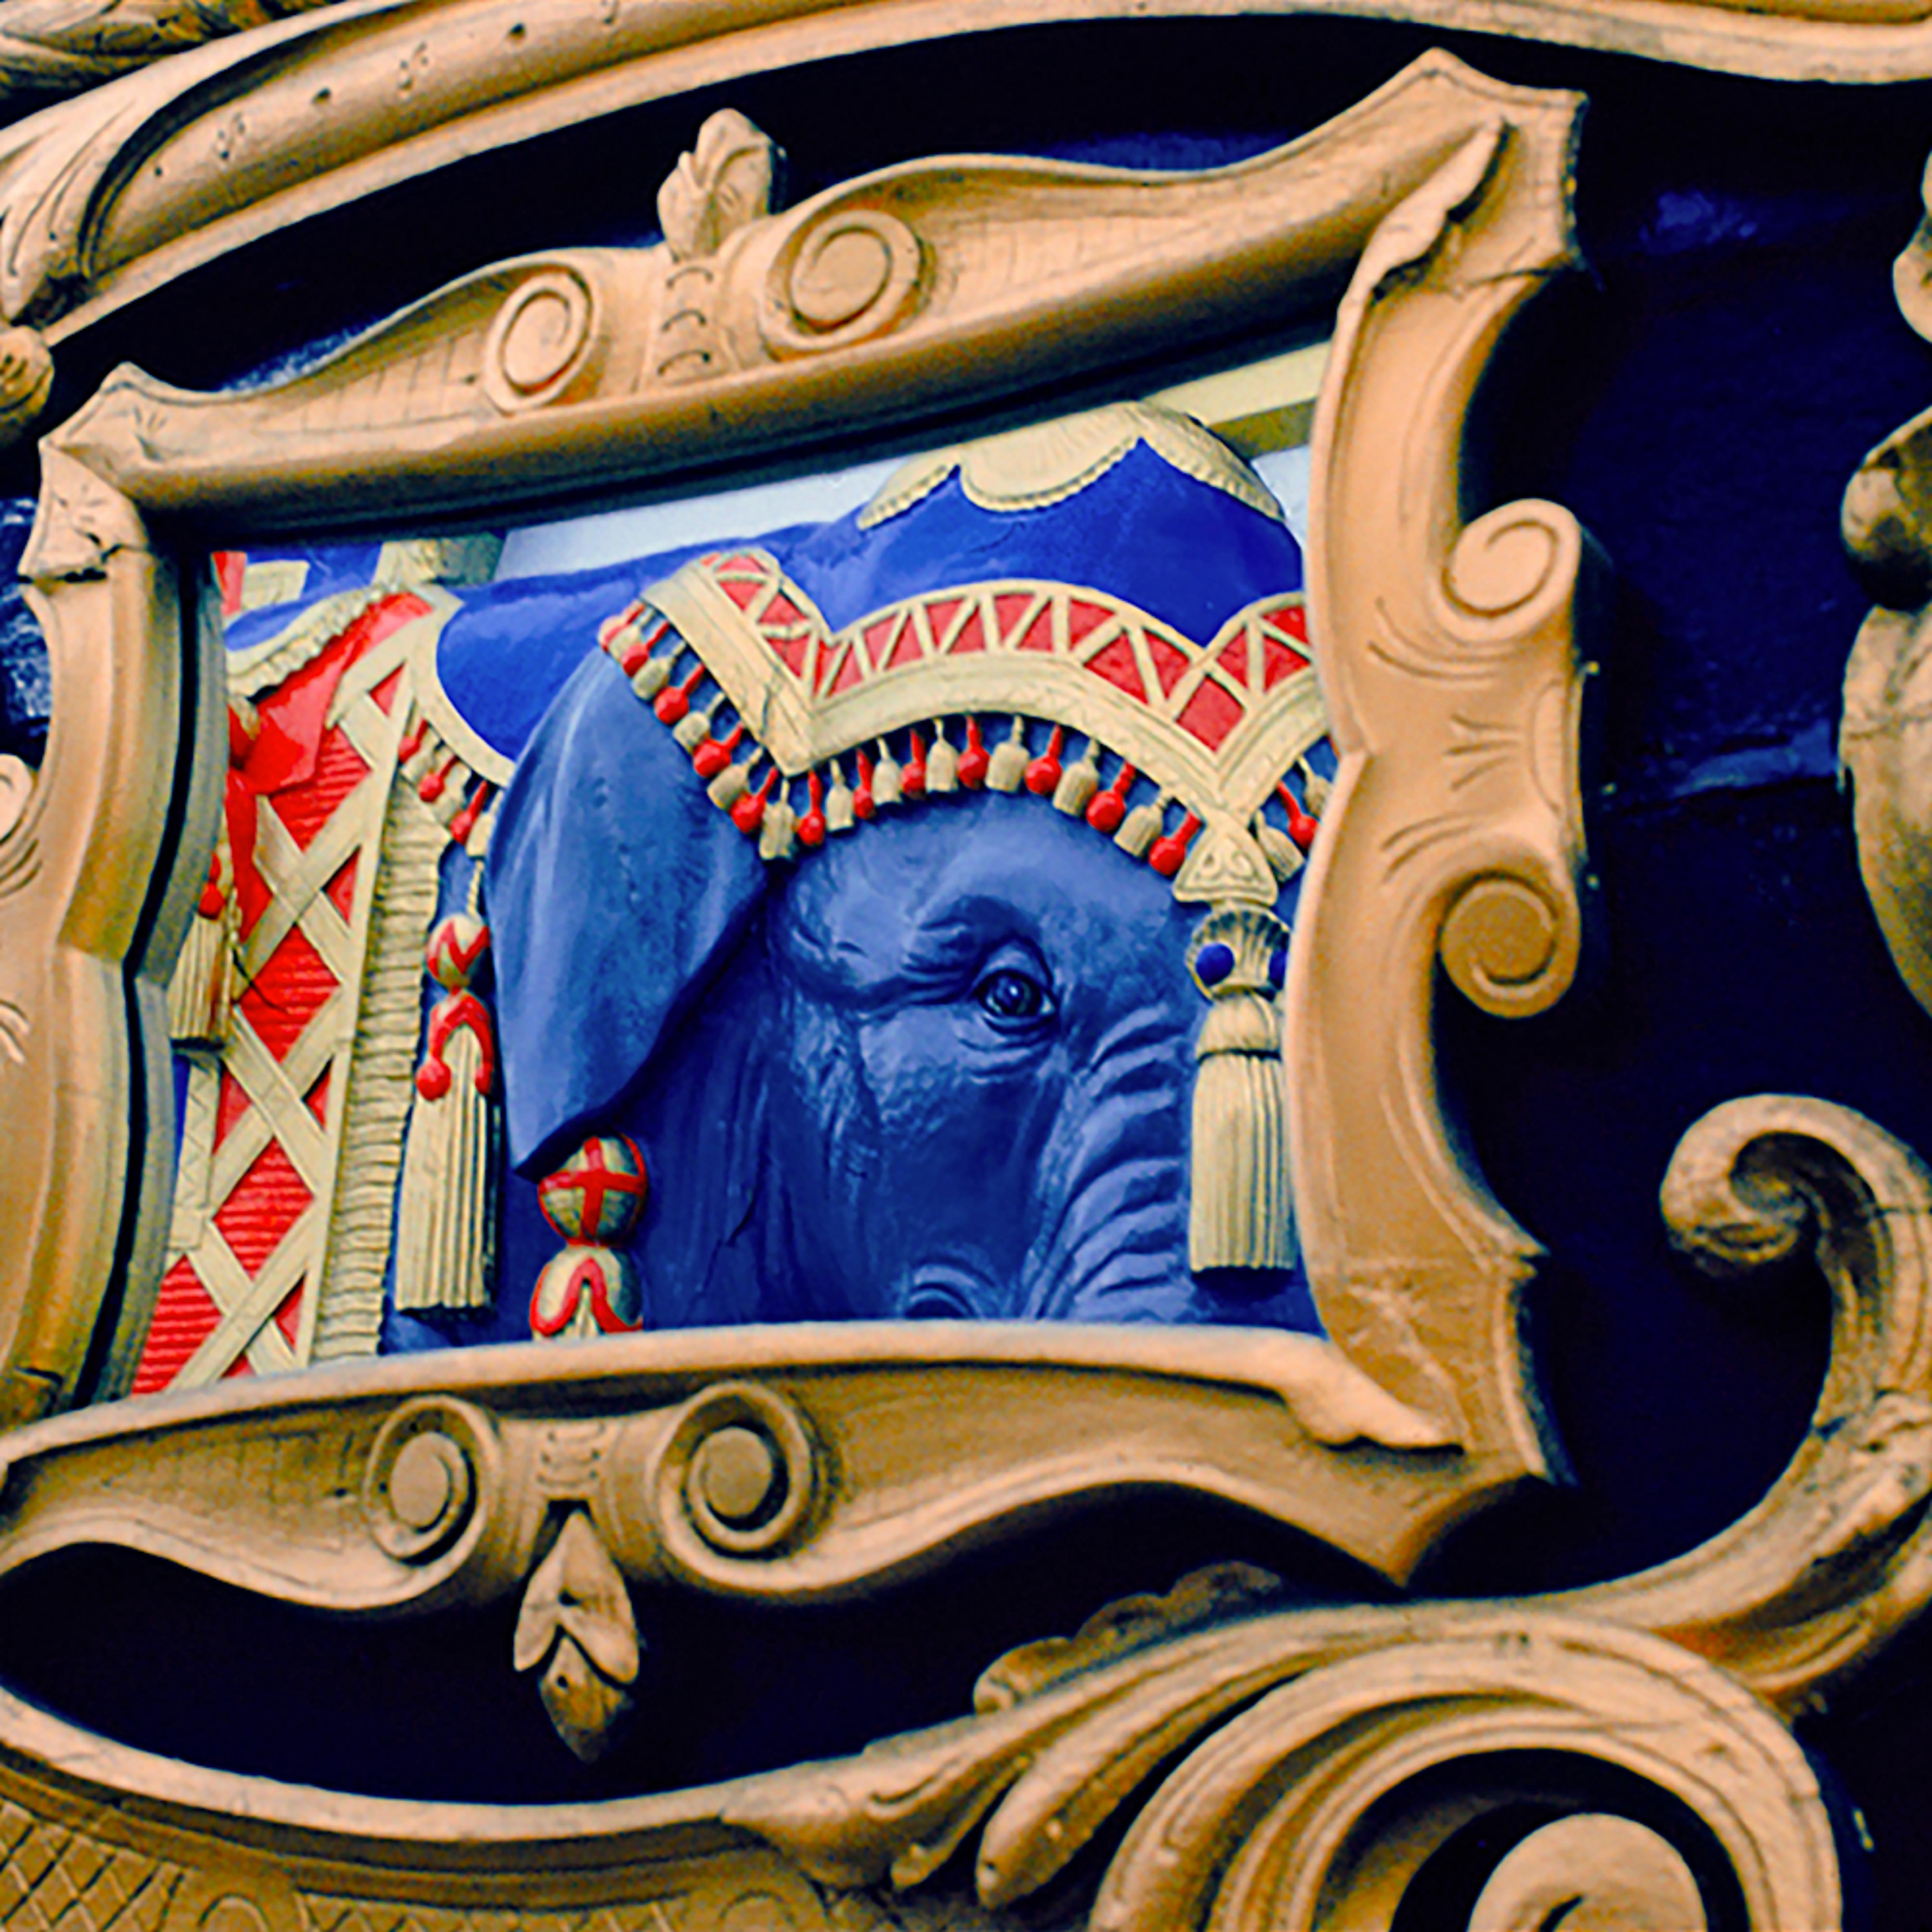 Elephantmirror final qx9coi